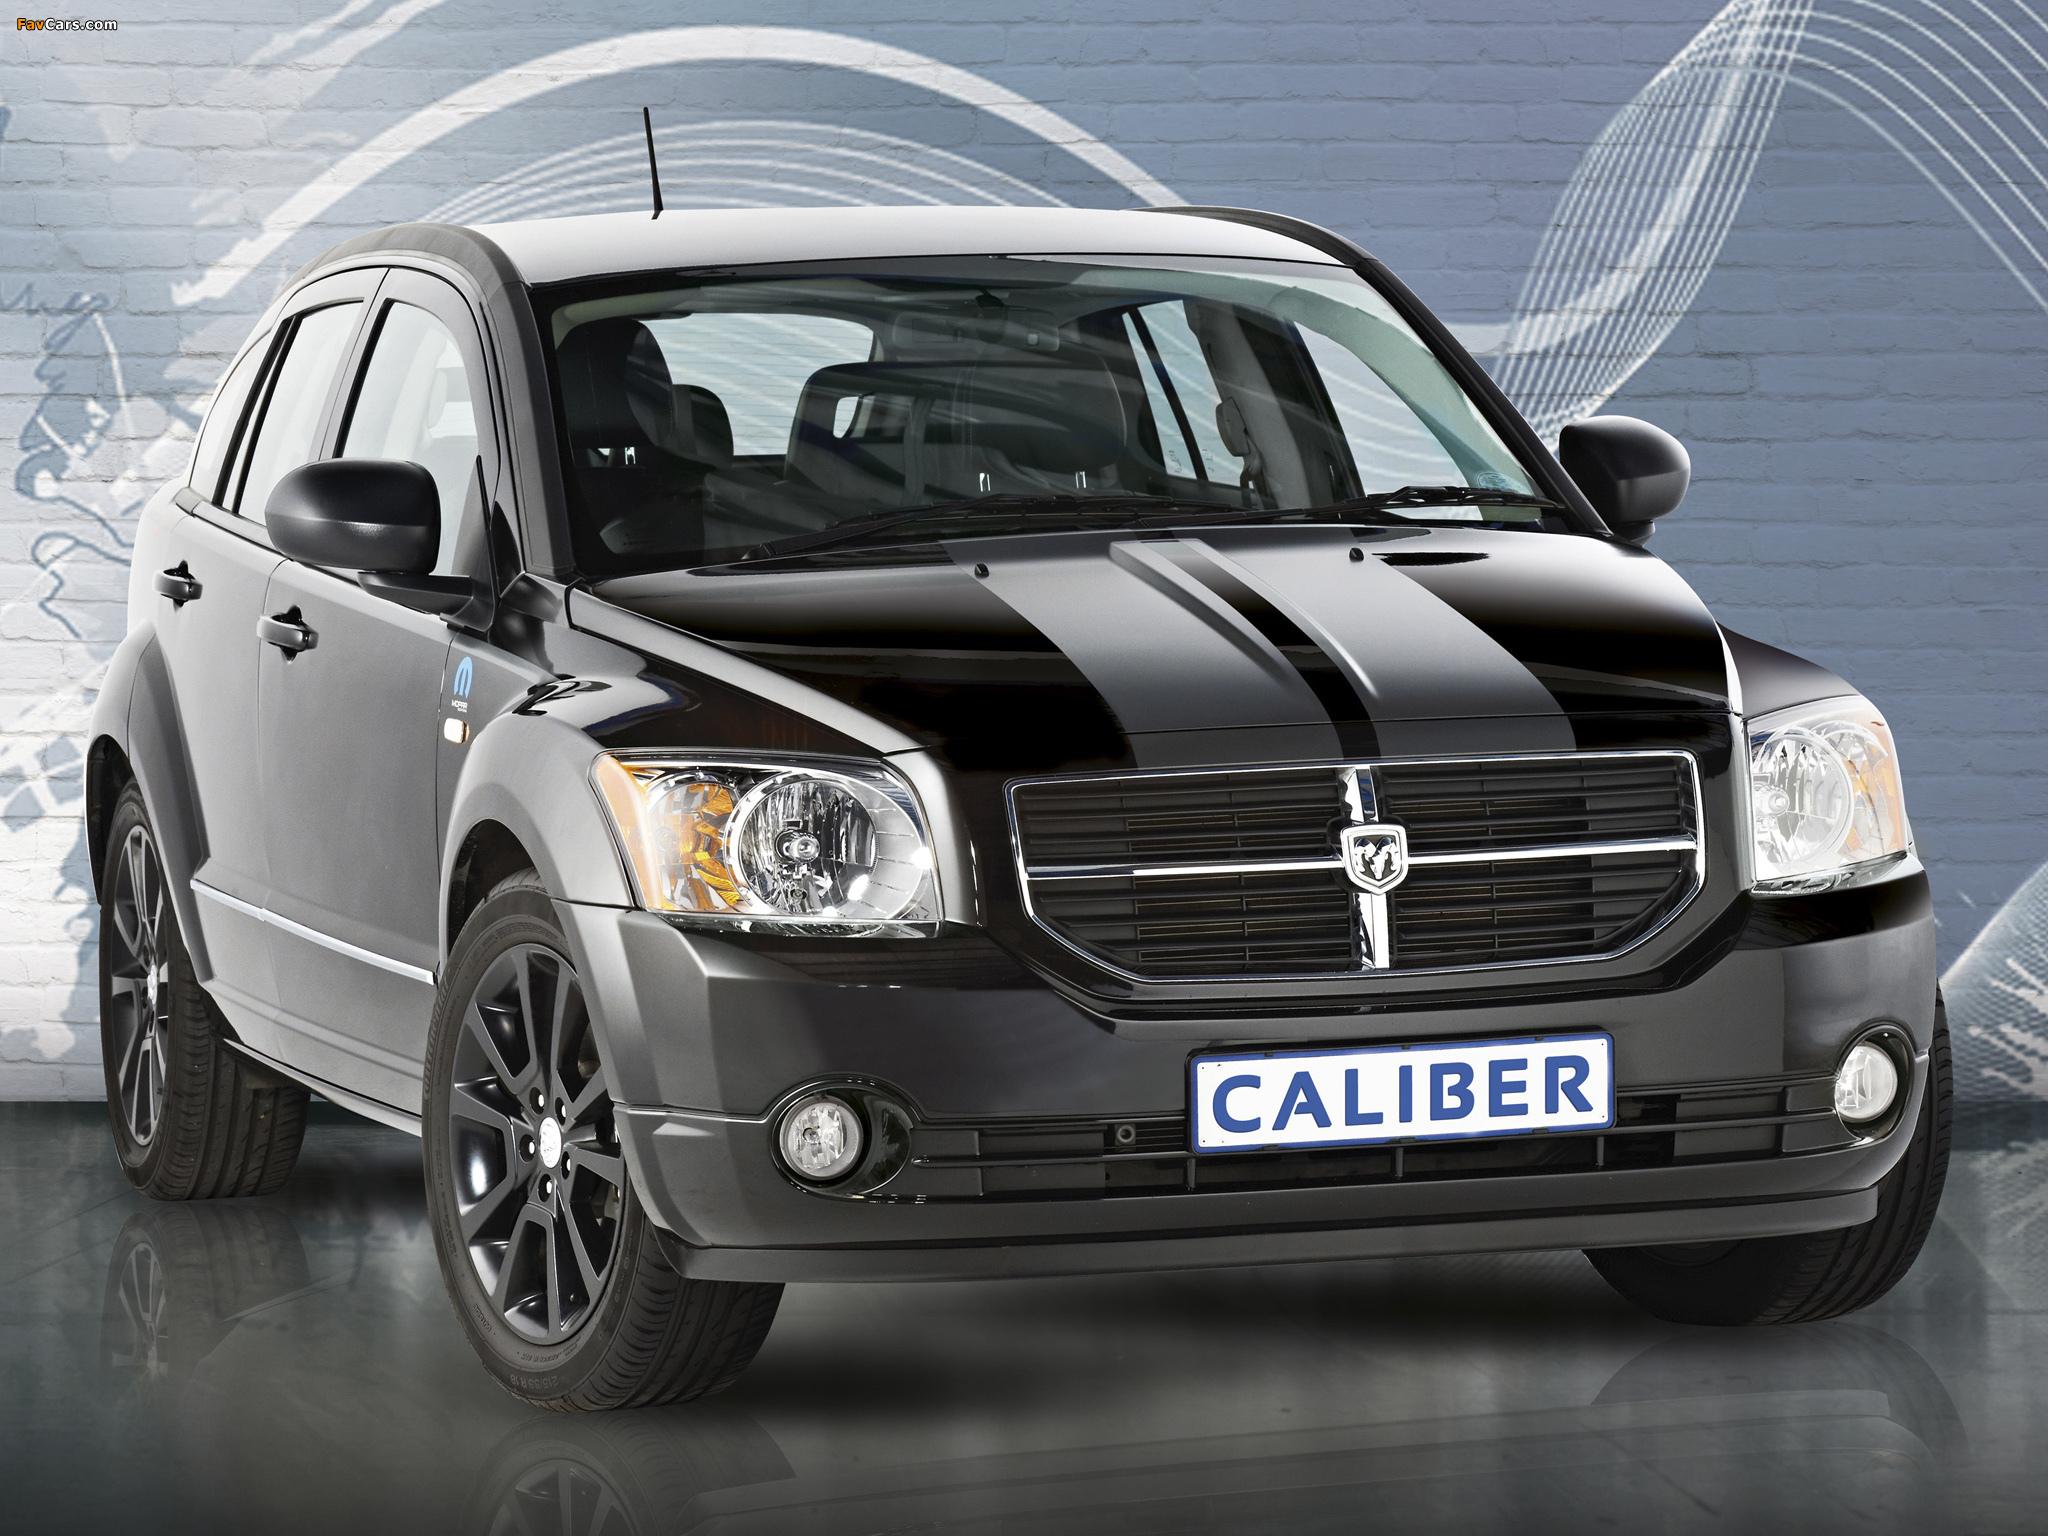 Dodge Caliber Mopar Edition 2011 pictures (2048 x 1536)